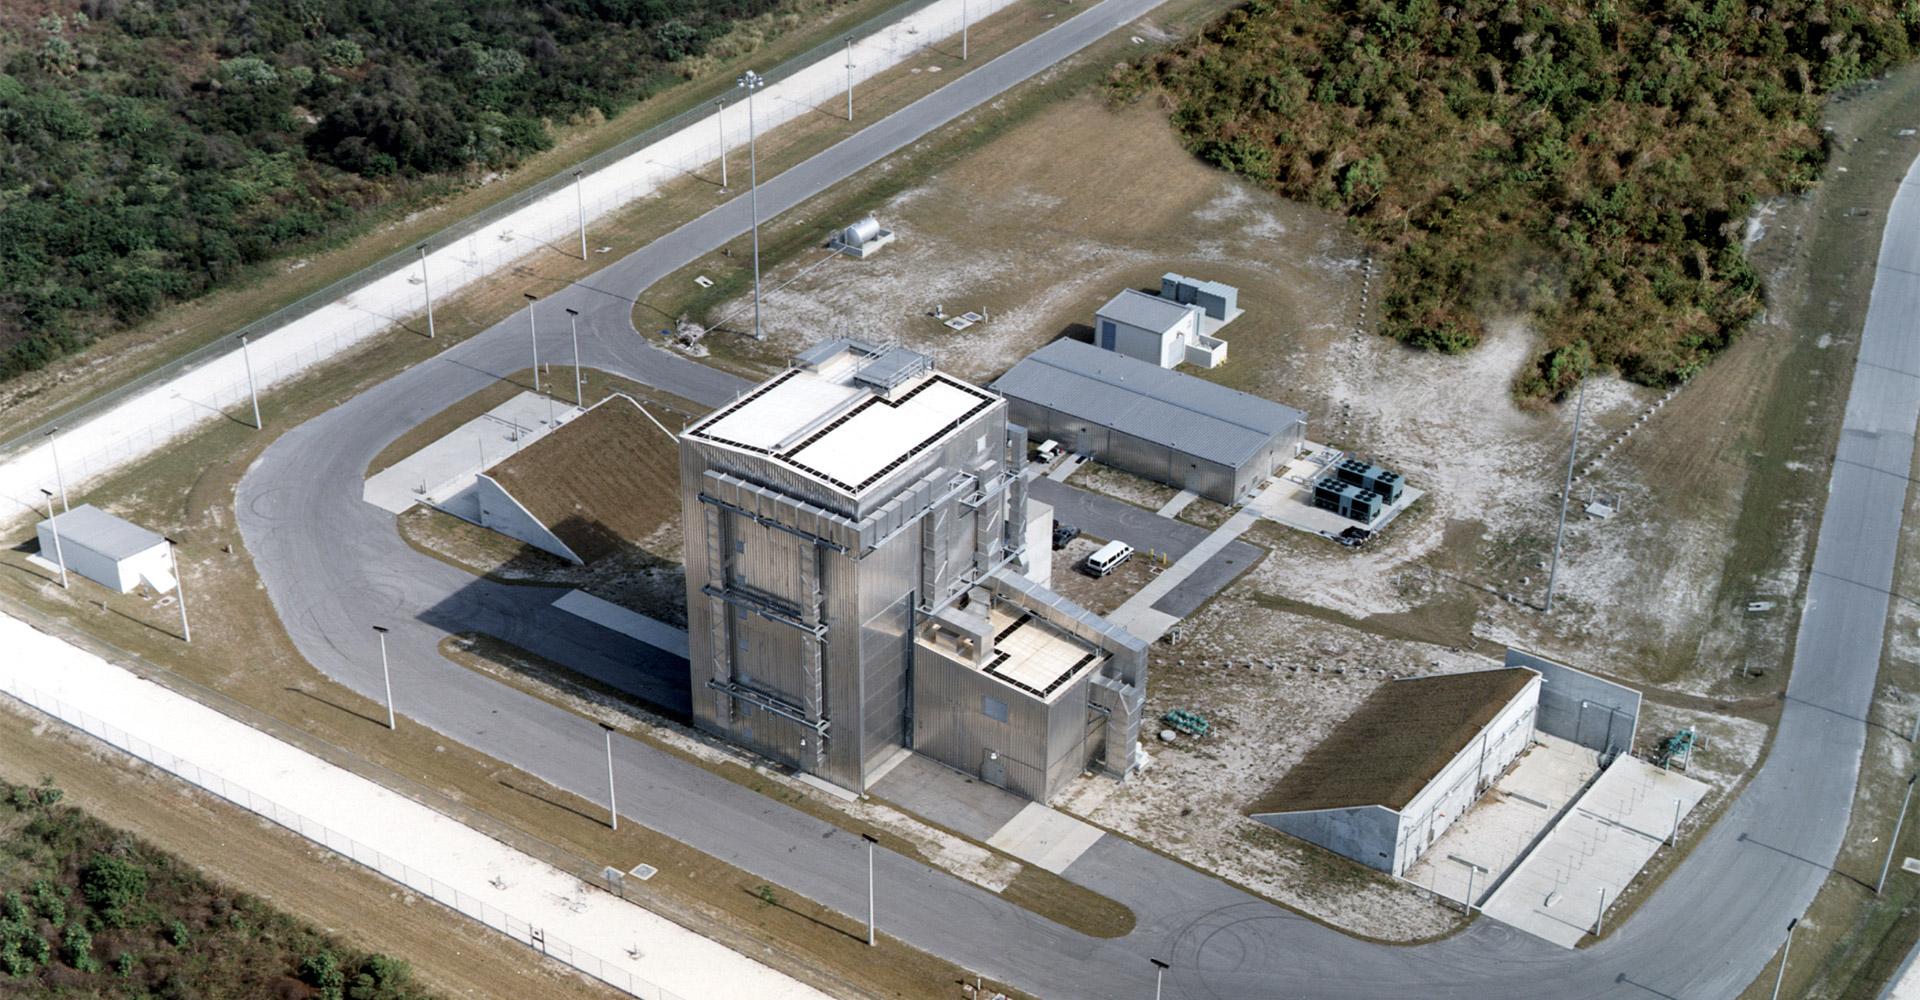 Aerospace manufacturing building exterior.